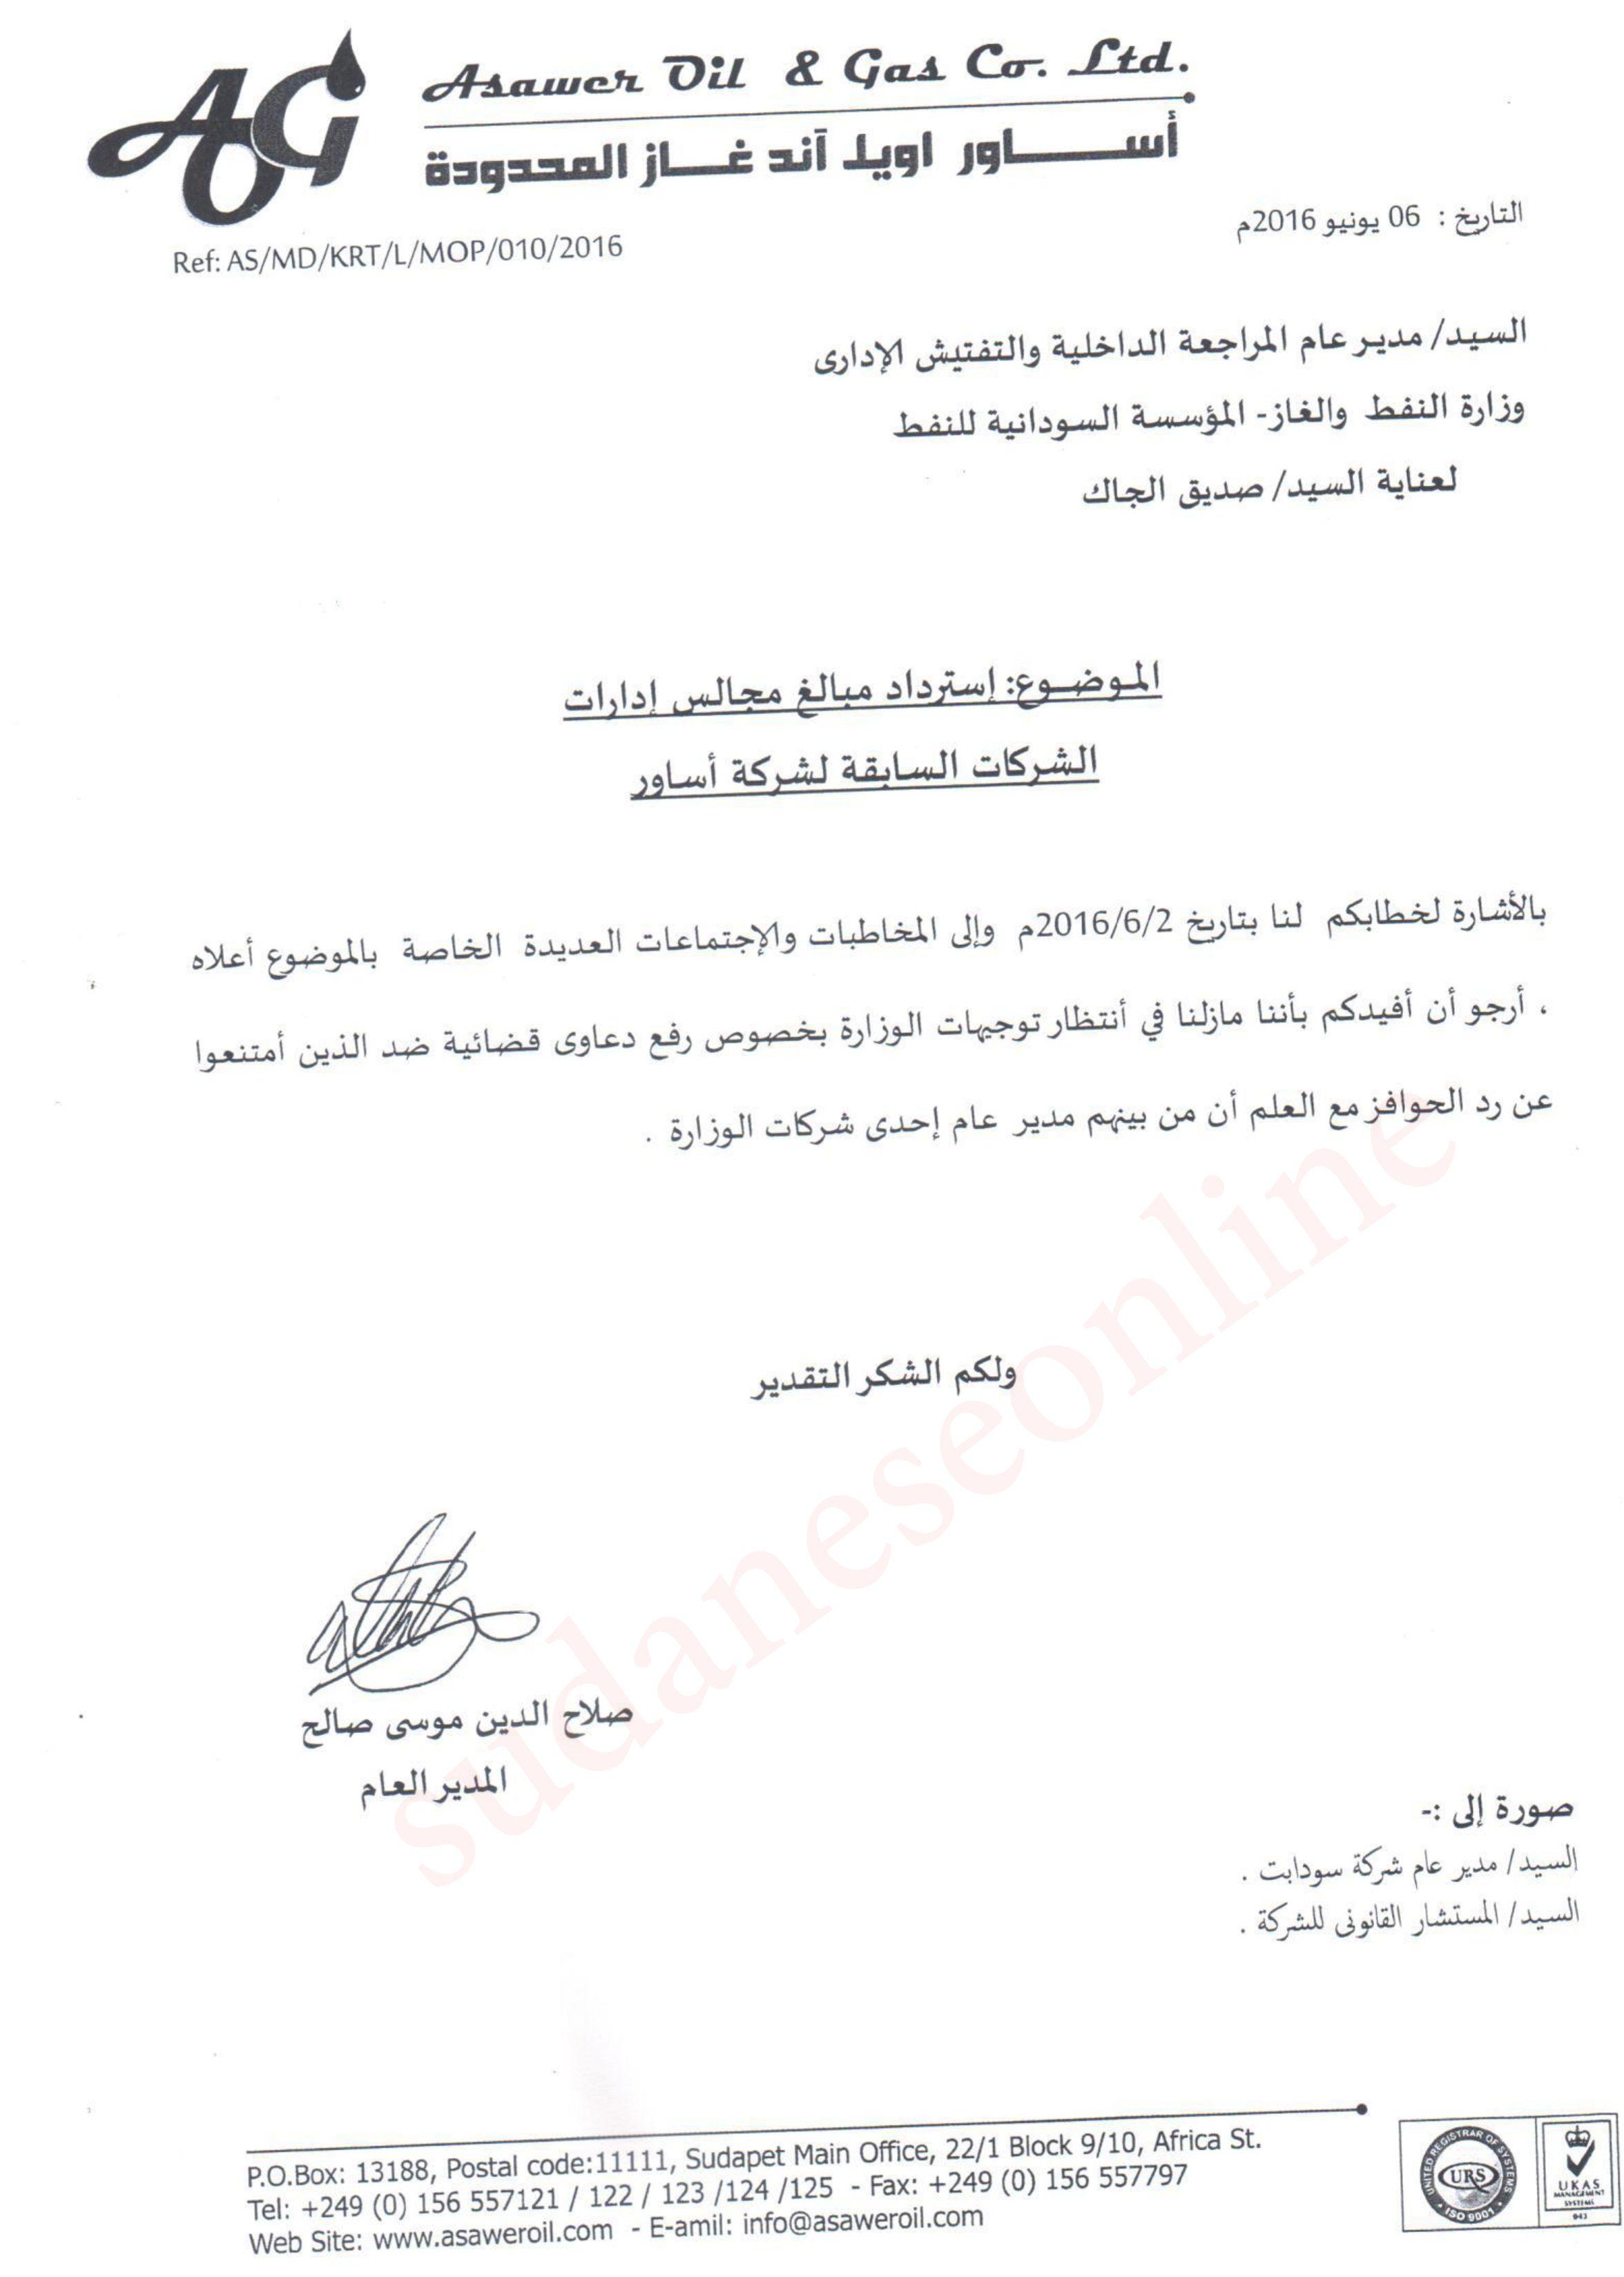 فساد رئيس شغبة المؤتمر الوطنى بقطاع النفط ومدير شرطة النيل للبترول وأخر